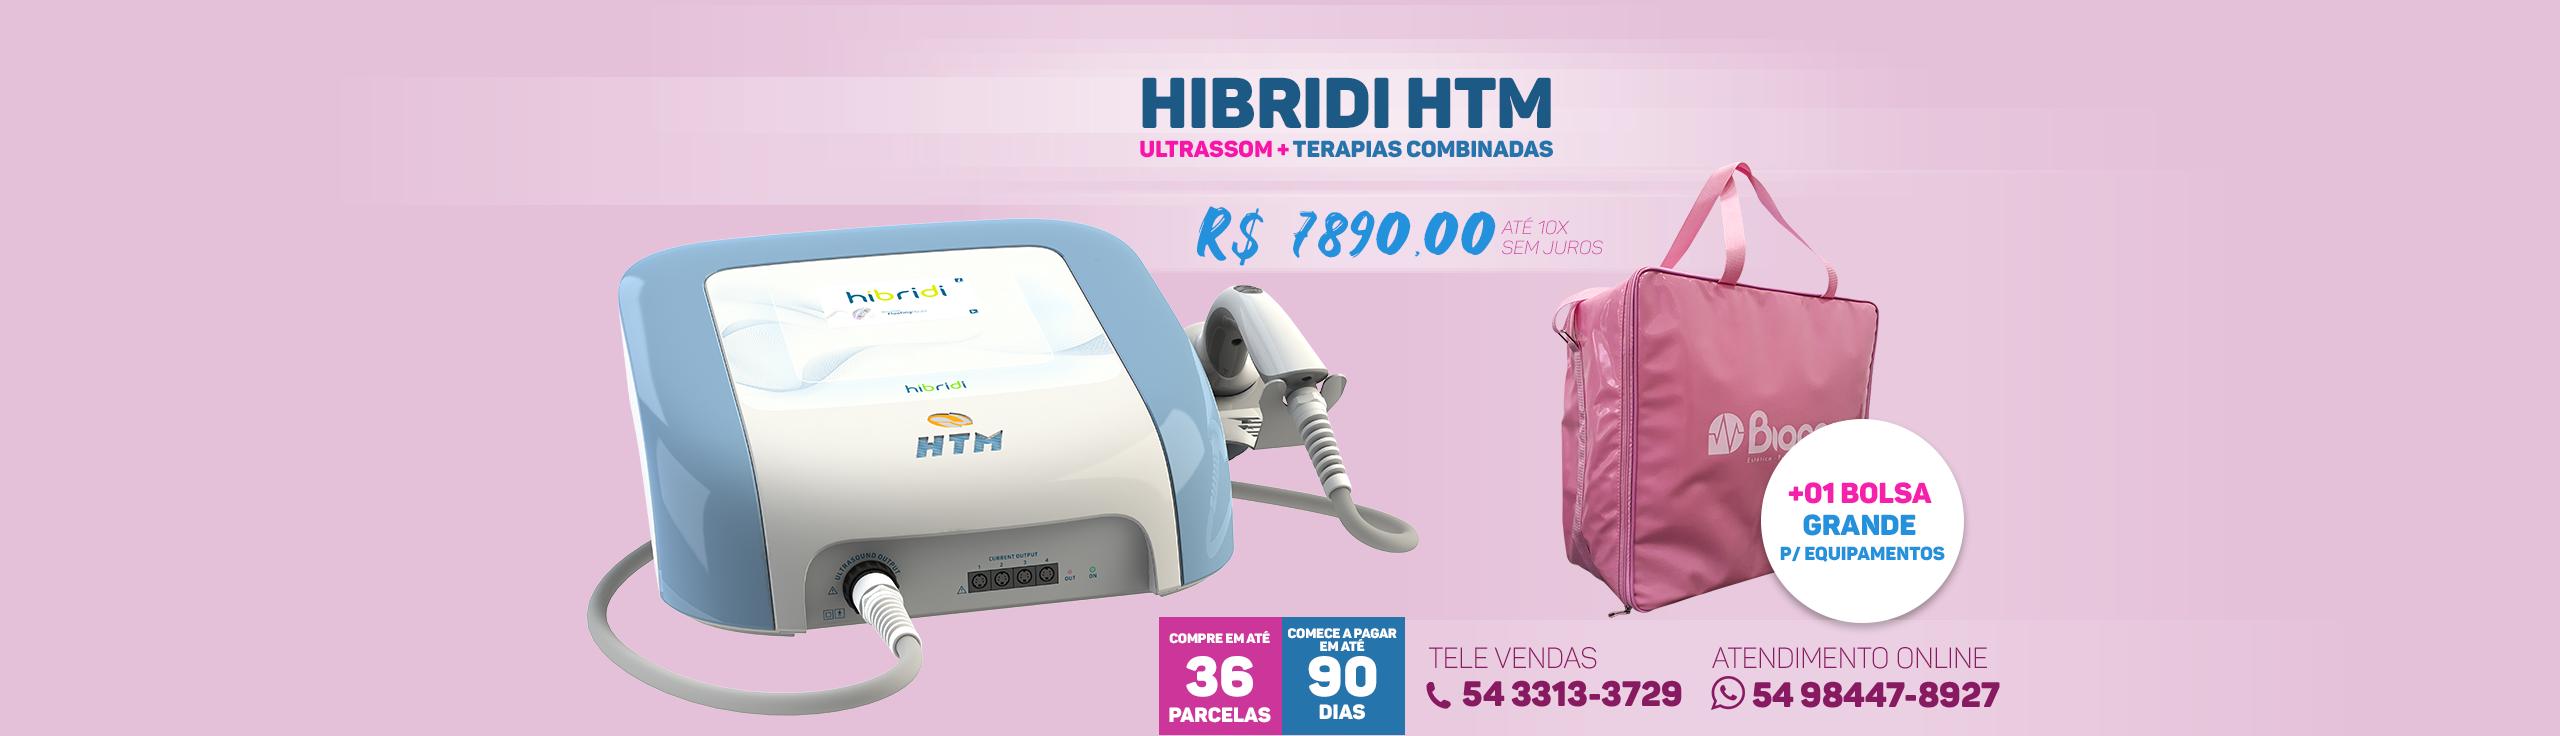 Promo Hibridi